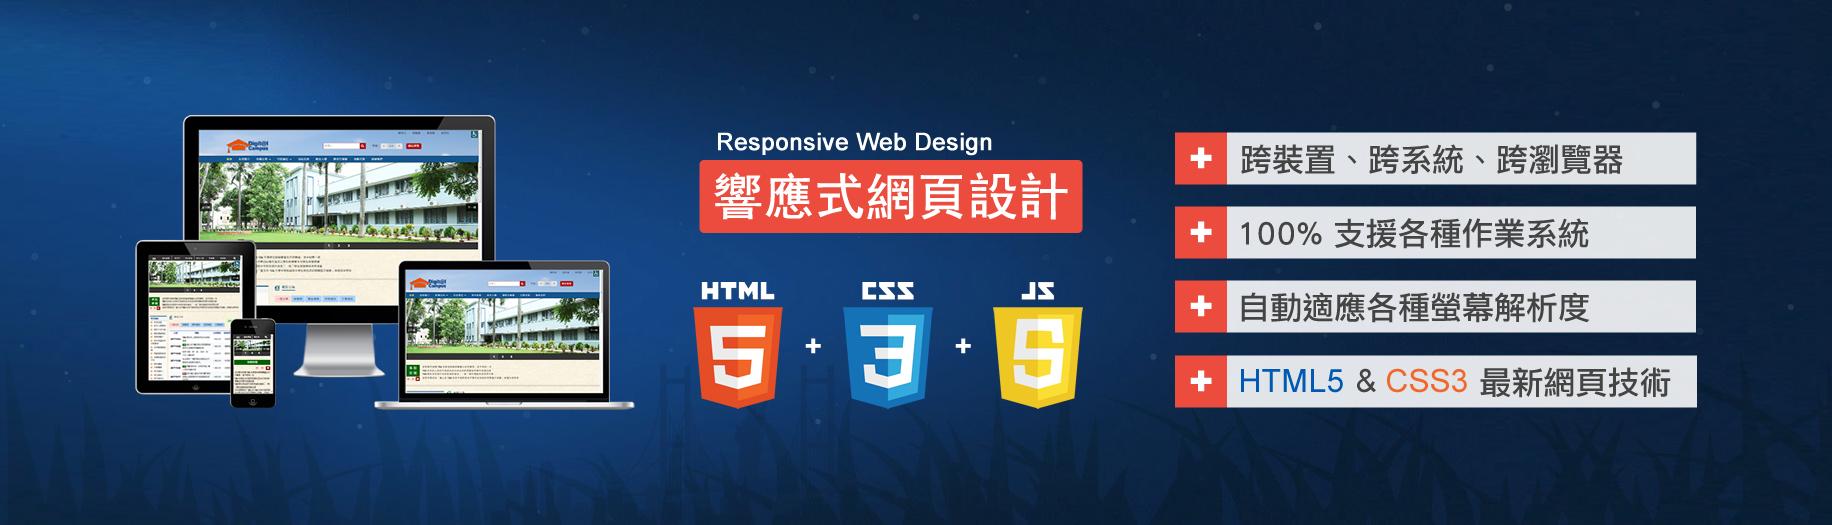 響應式網頁設計:使用最新網頁技術,跨裝置、跨系統、跨瀏覽器